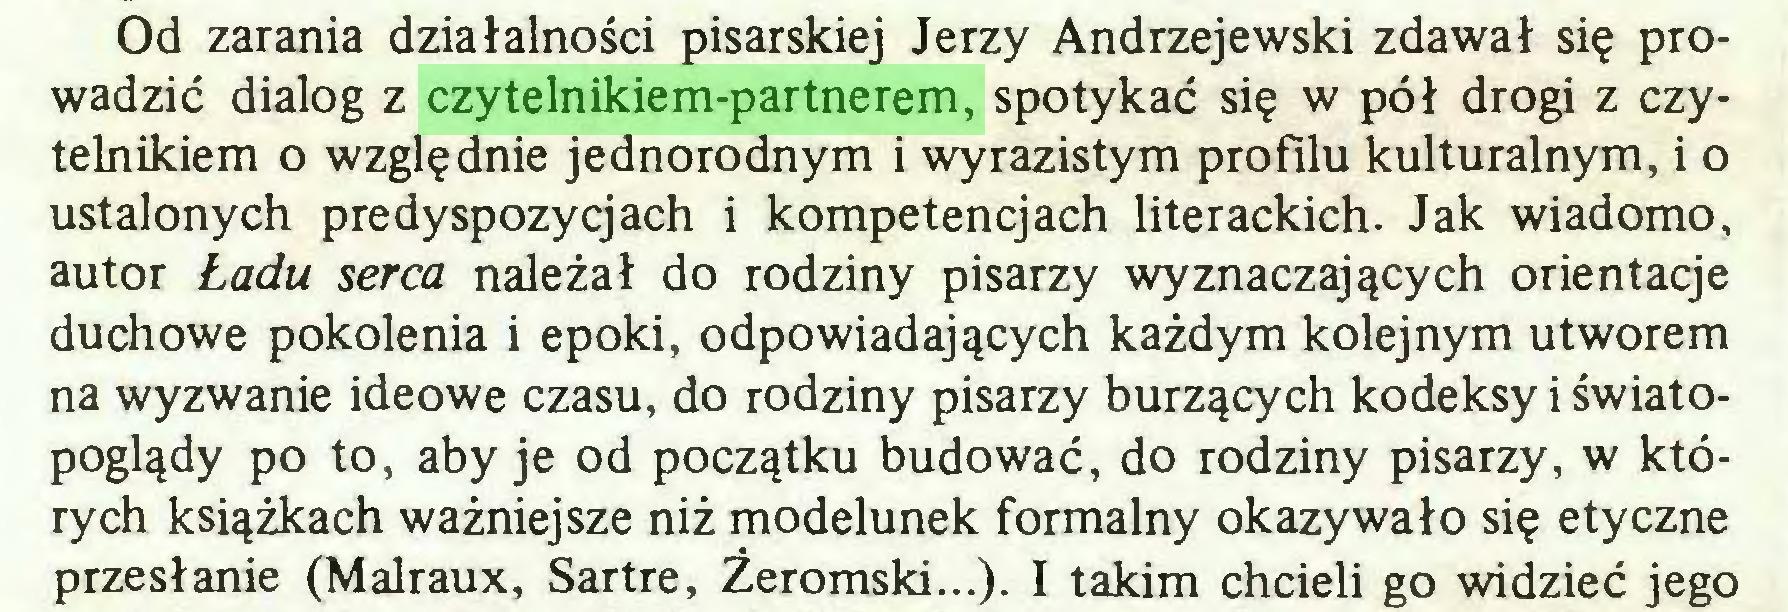 (...) Od zarania działalności pisarskiej Jerzy Andrzejewski zdawał się prowadzić dialog z czytelnikiem-partnerem, spotykać się w pół drogi z czytelnikiem o względnie jednorodnym i wyrazistym profilu kulturalnym, i o ustalonych predyspozycjach i kompetencjach literackich. Jak wiadomo, autor Ładu serca należał do rodziny pisarzy wyznaczających orientacje duchowe pokolenia i epoki, odpowiadających każdym kolejnym utworem na wyzwanie ideowe czasu, do rodziny pisarzy burzących kodeksy i światopoglądy po to, aby je od początku budować, do rodziny pisarzy, w których książkach ważniejsze niż modelunek formalny okazywało się etyczne przesłanie (Malraux, Sartre, Żeromski...). I takim chcieli go widzieć jego...